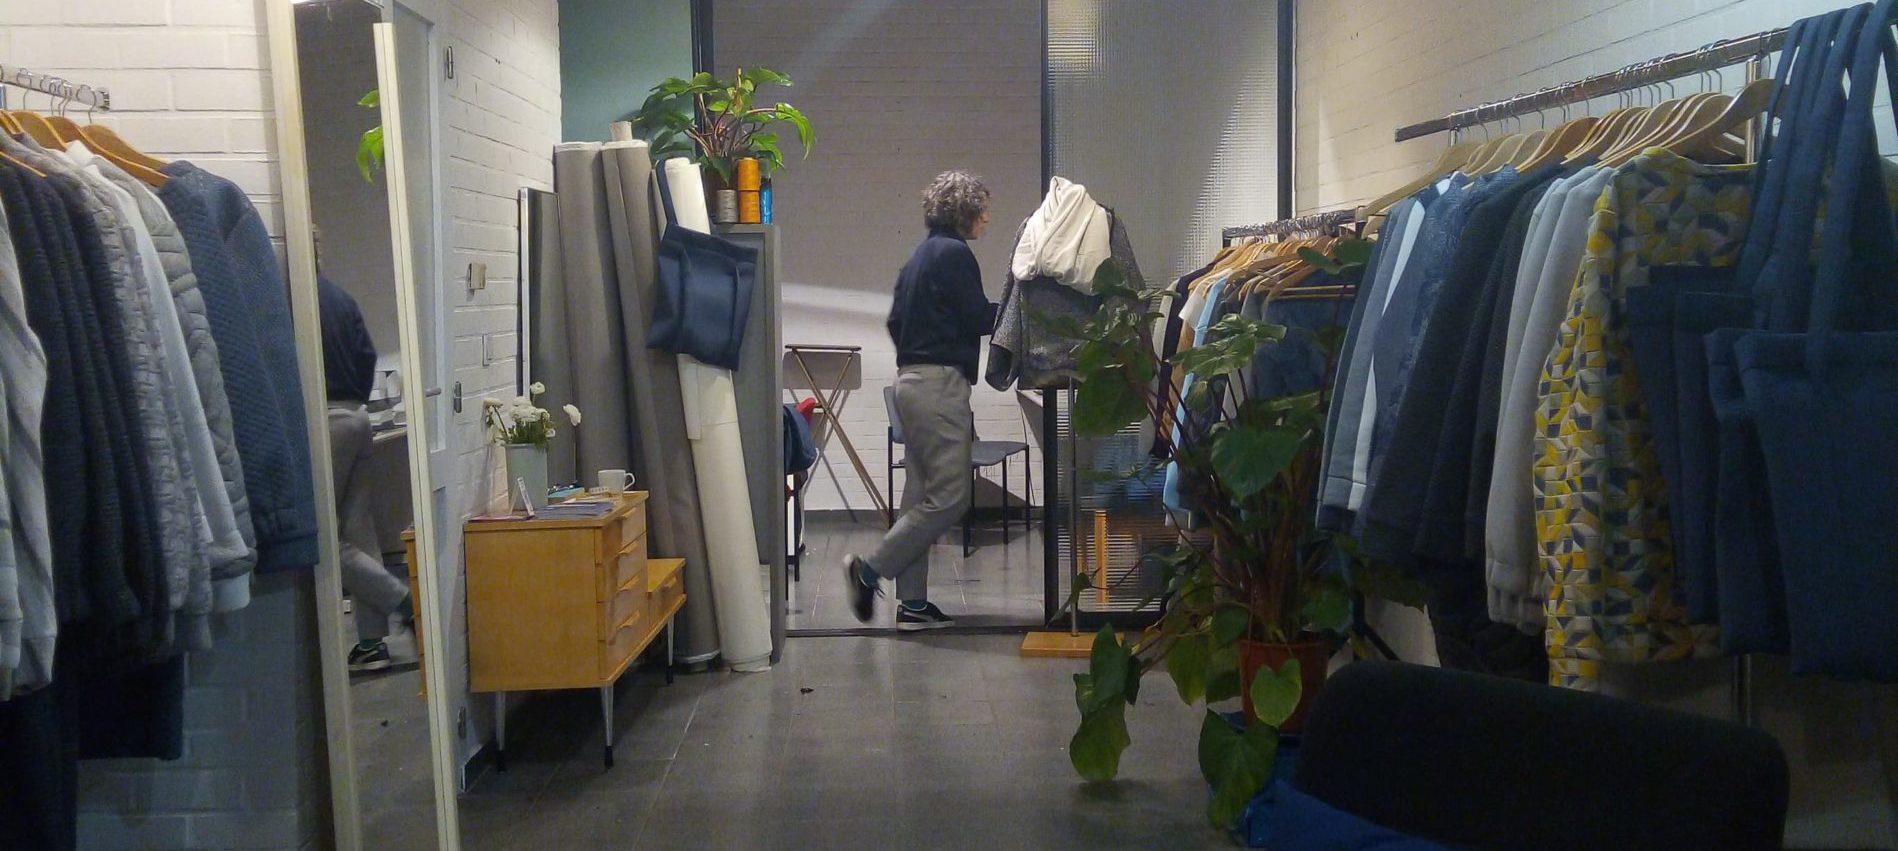 shop winkel workshop atelier studio ama soraya wan;cour ethische duurzame ecologische mode